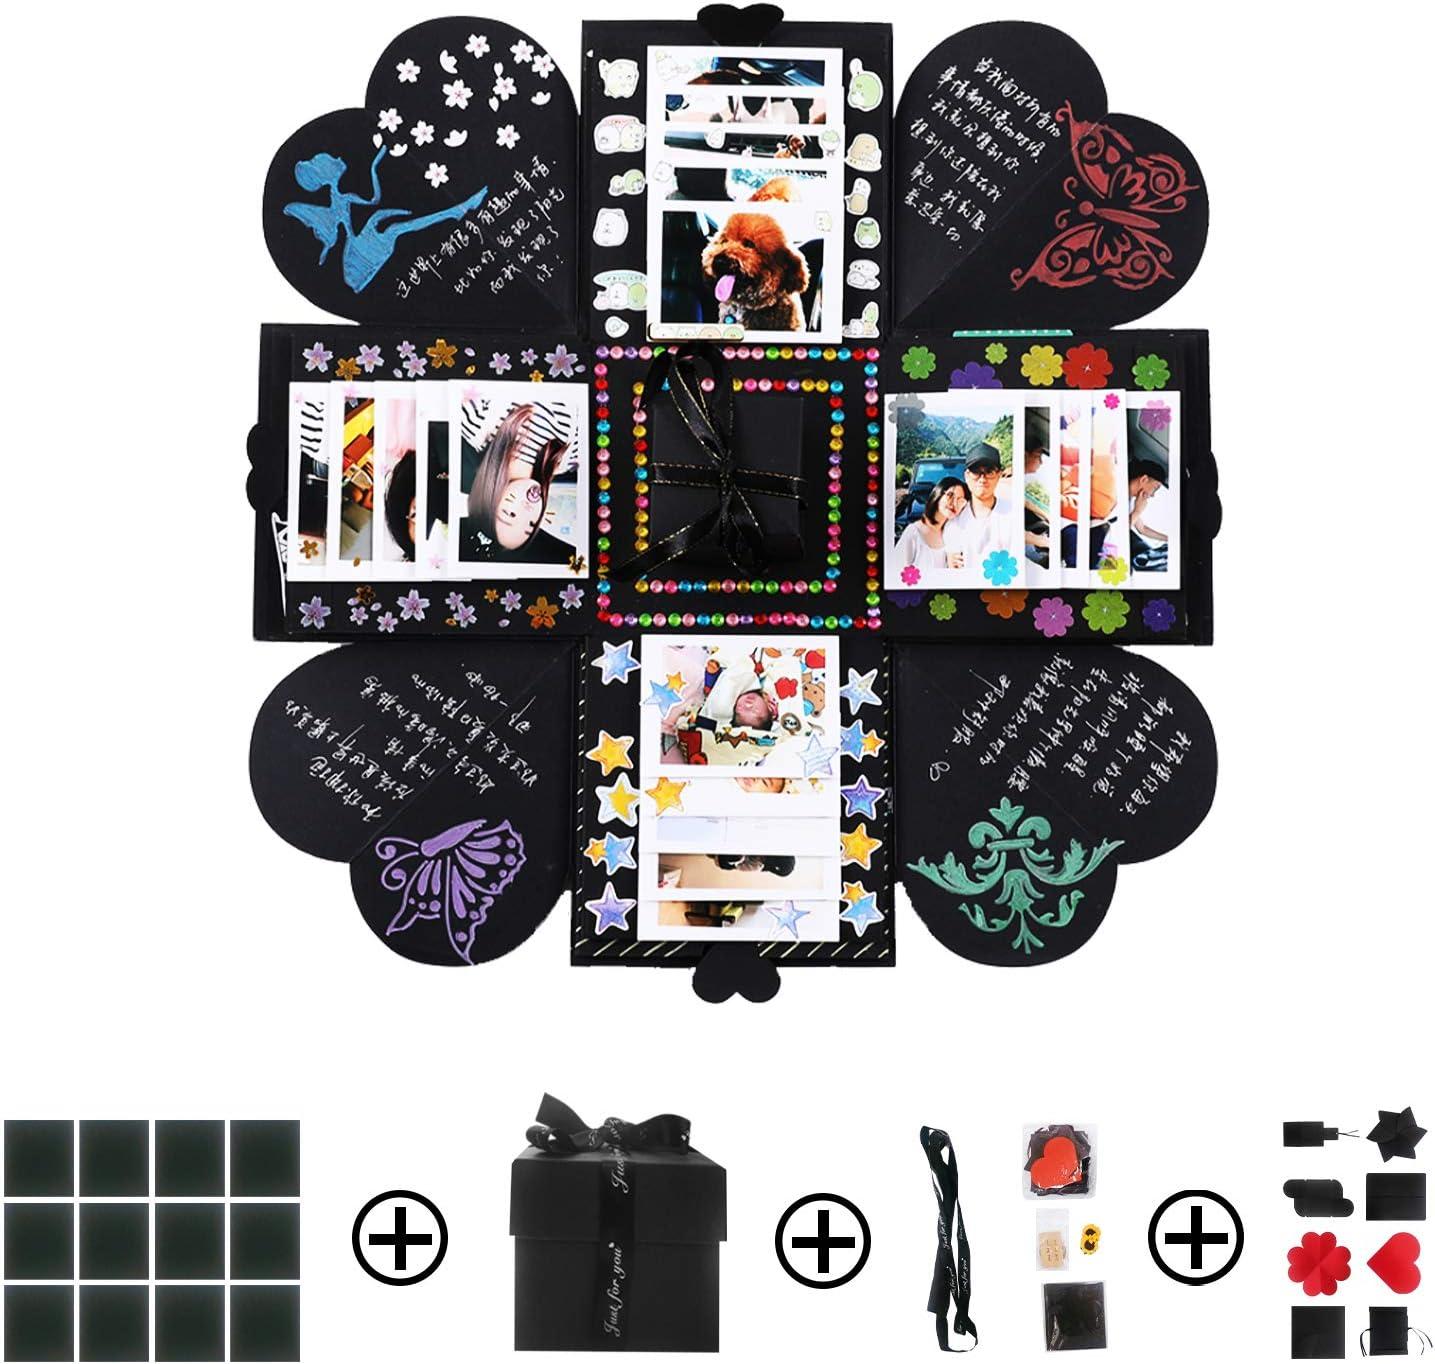 Caja de Explosión Creativa, PTNeu Caja de Regalo, Explosion Box 6 Caras, DIY Álbum de Fotos Scrapbook Caja para Hombres Mujeres Amiga Cumpleaños, San Valentín, Aniversario, Boda